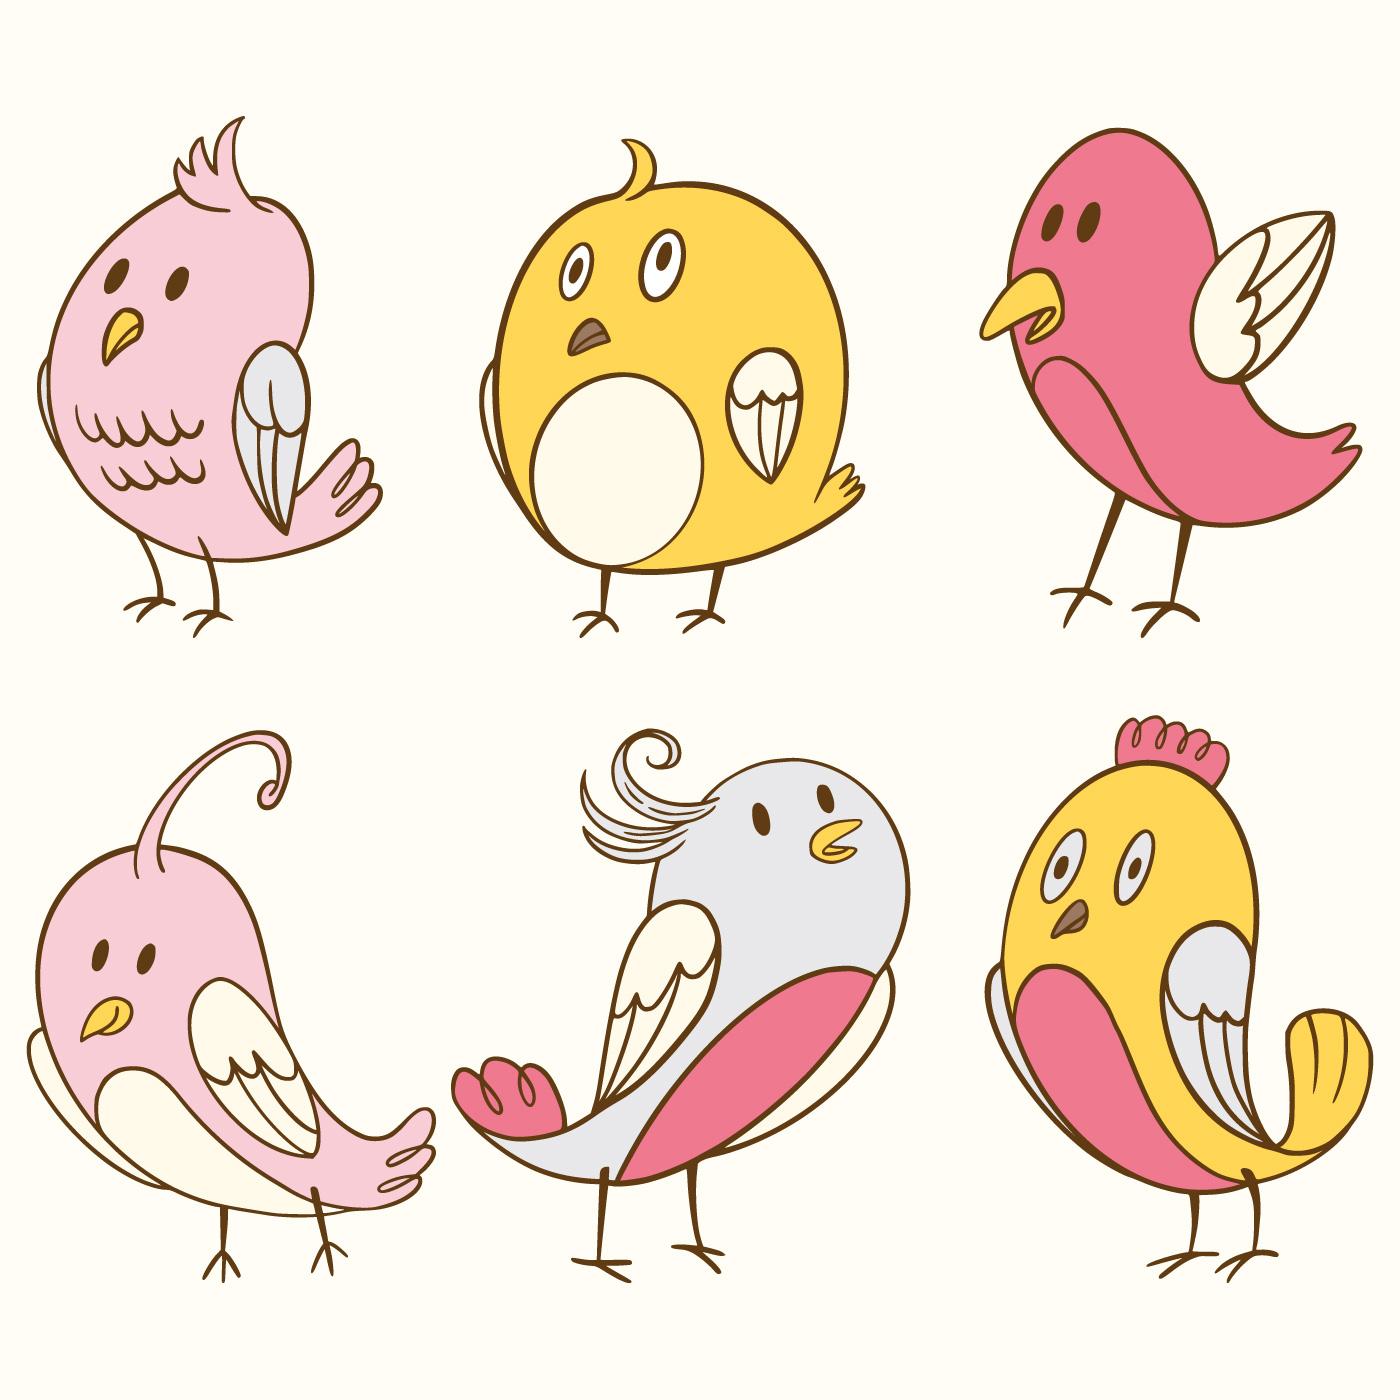 Cute Bird Clipart Element Set - Download Free Vectors ...